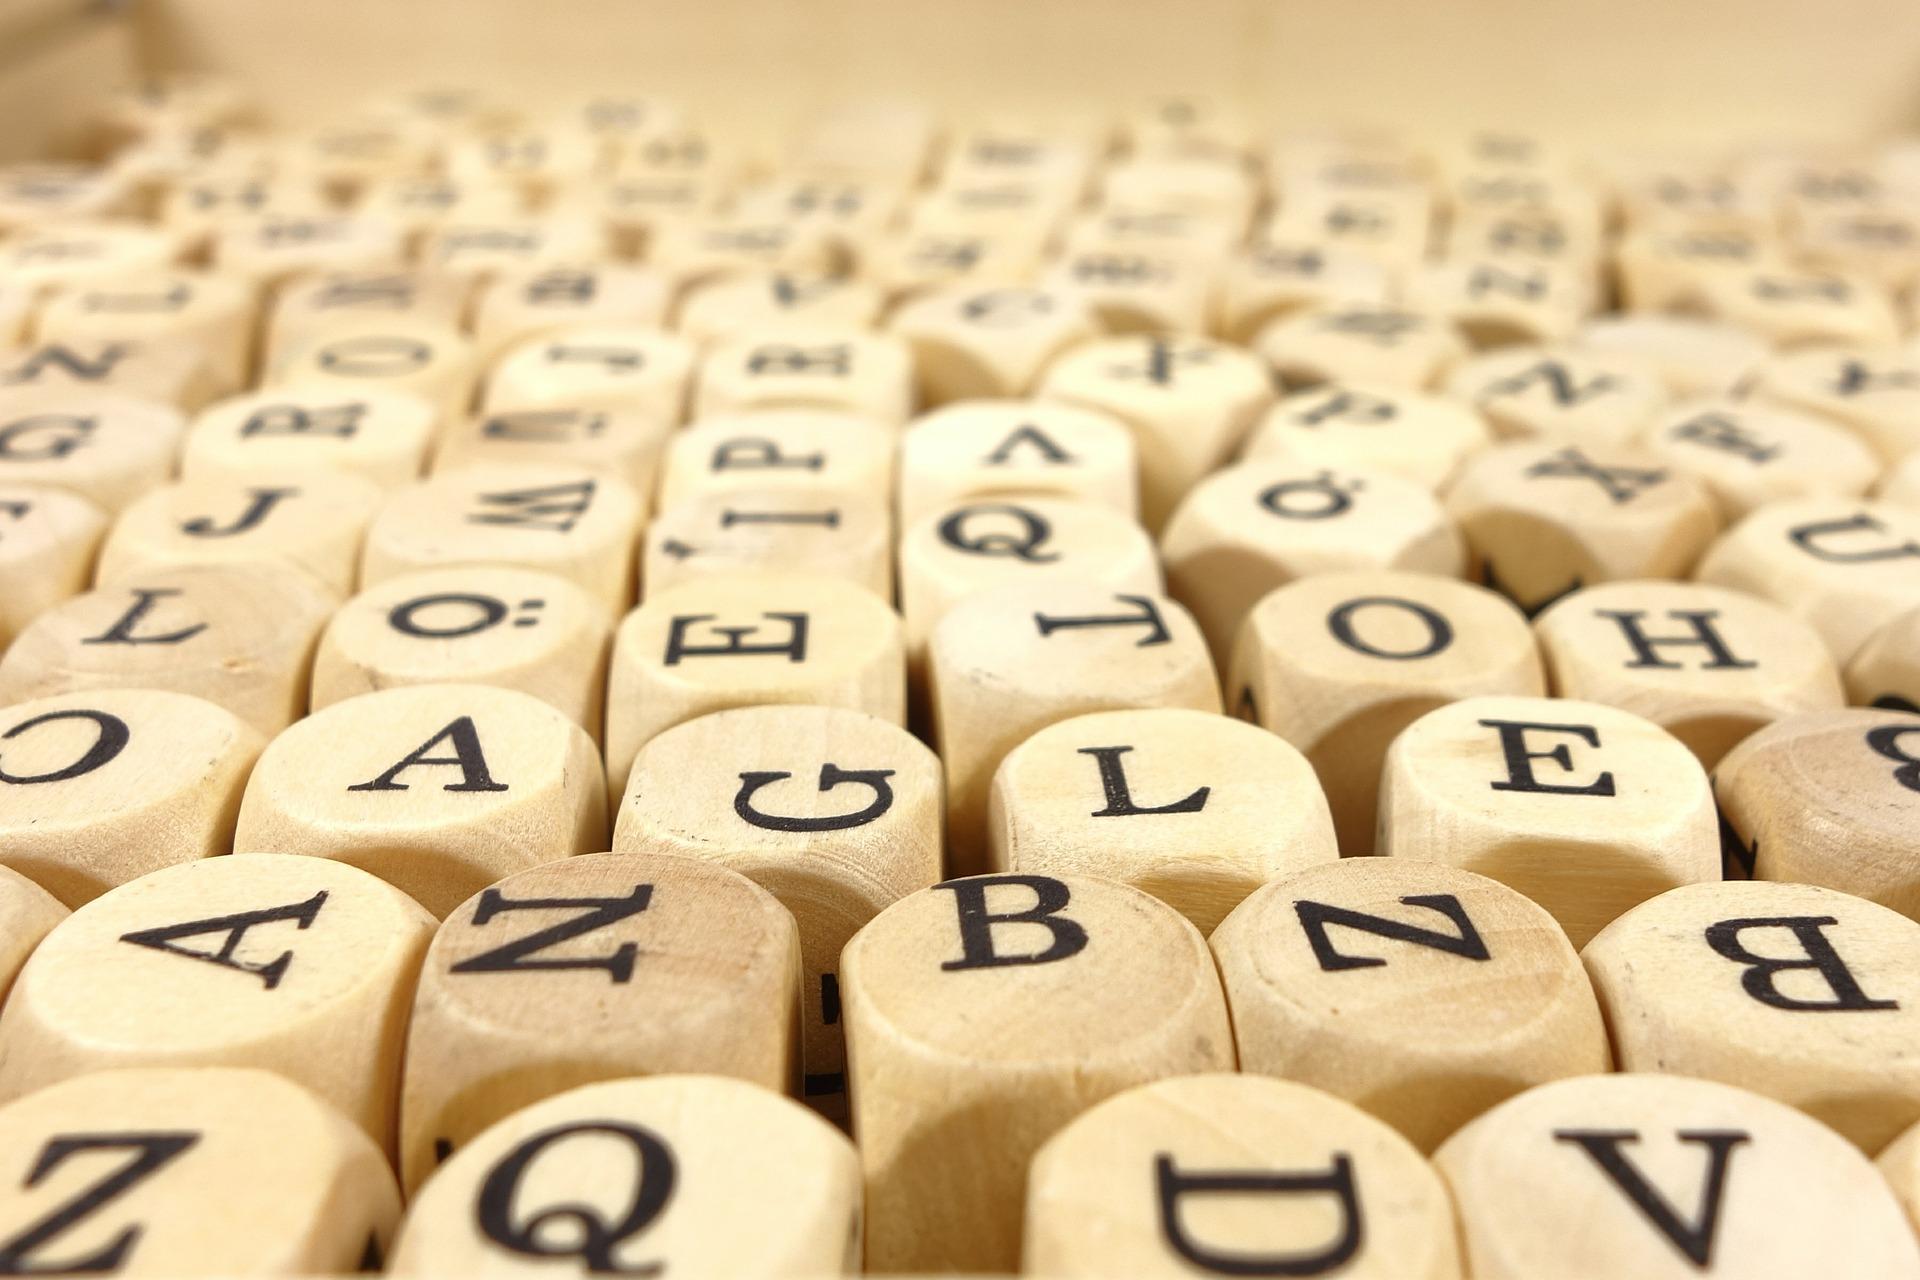 Alfabet ebooków - najważniejsze terminy w jednym miejscu